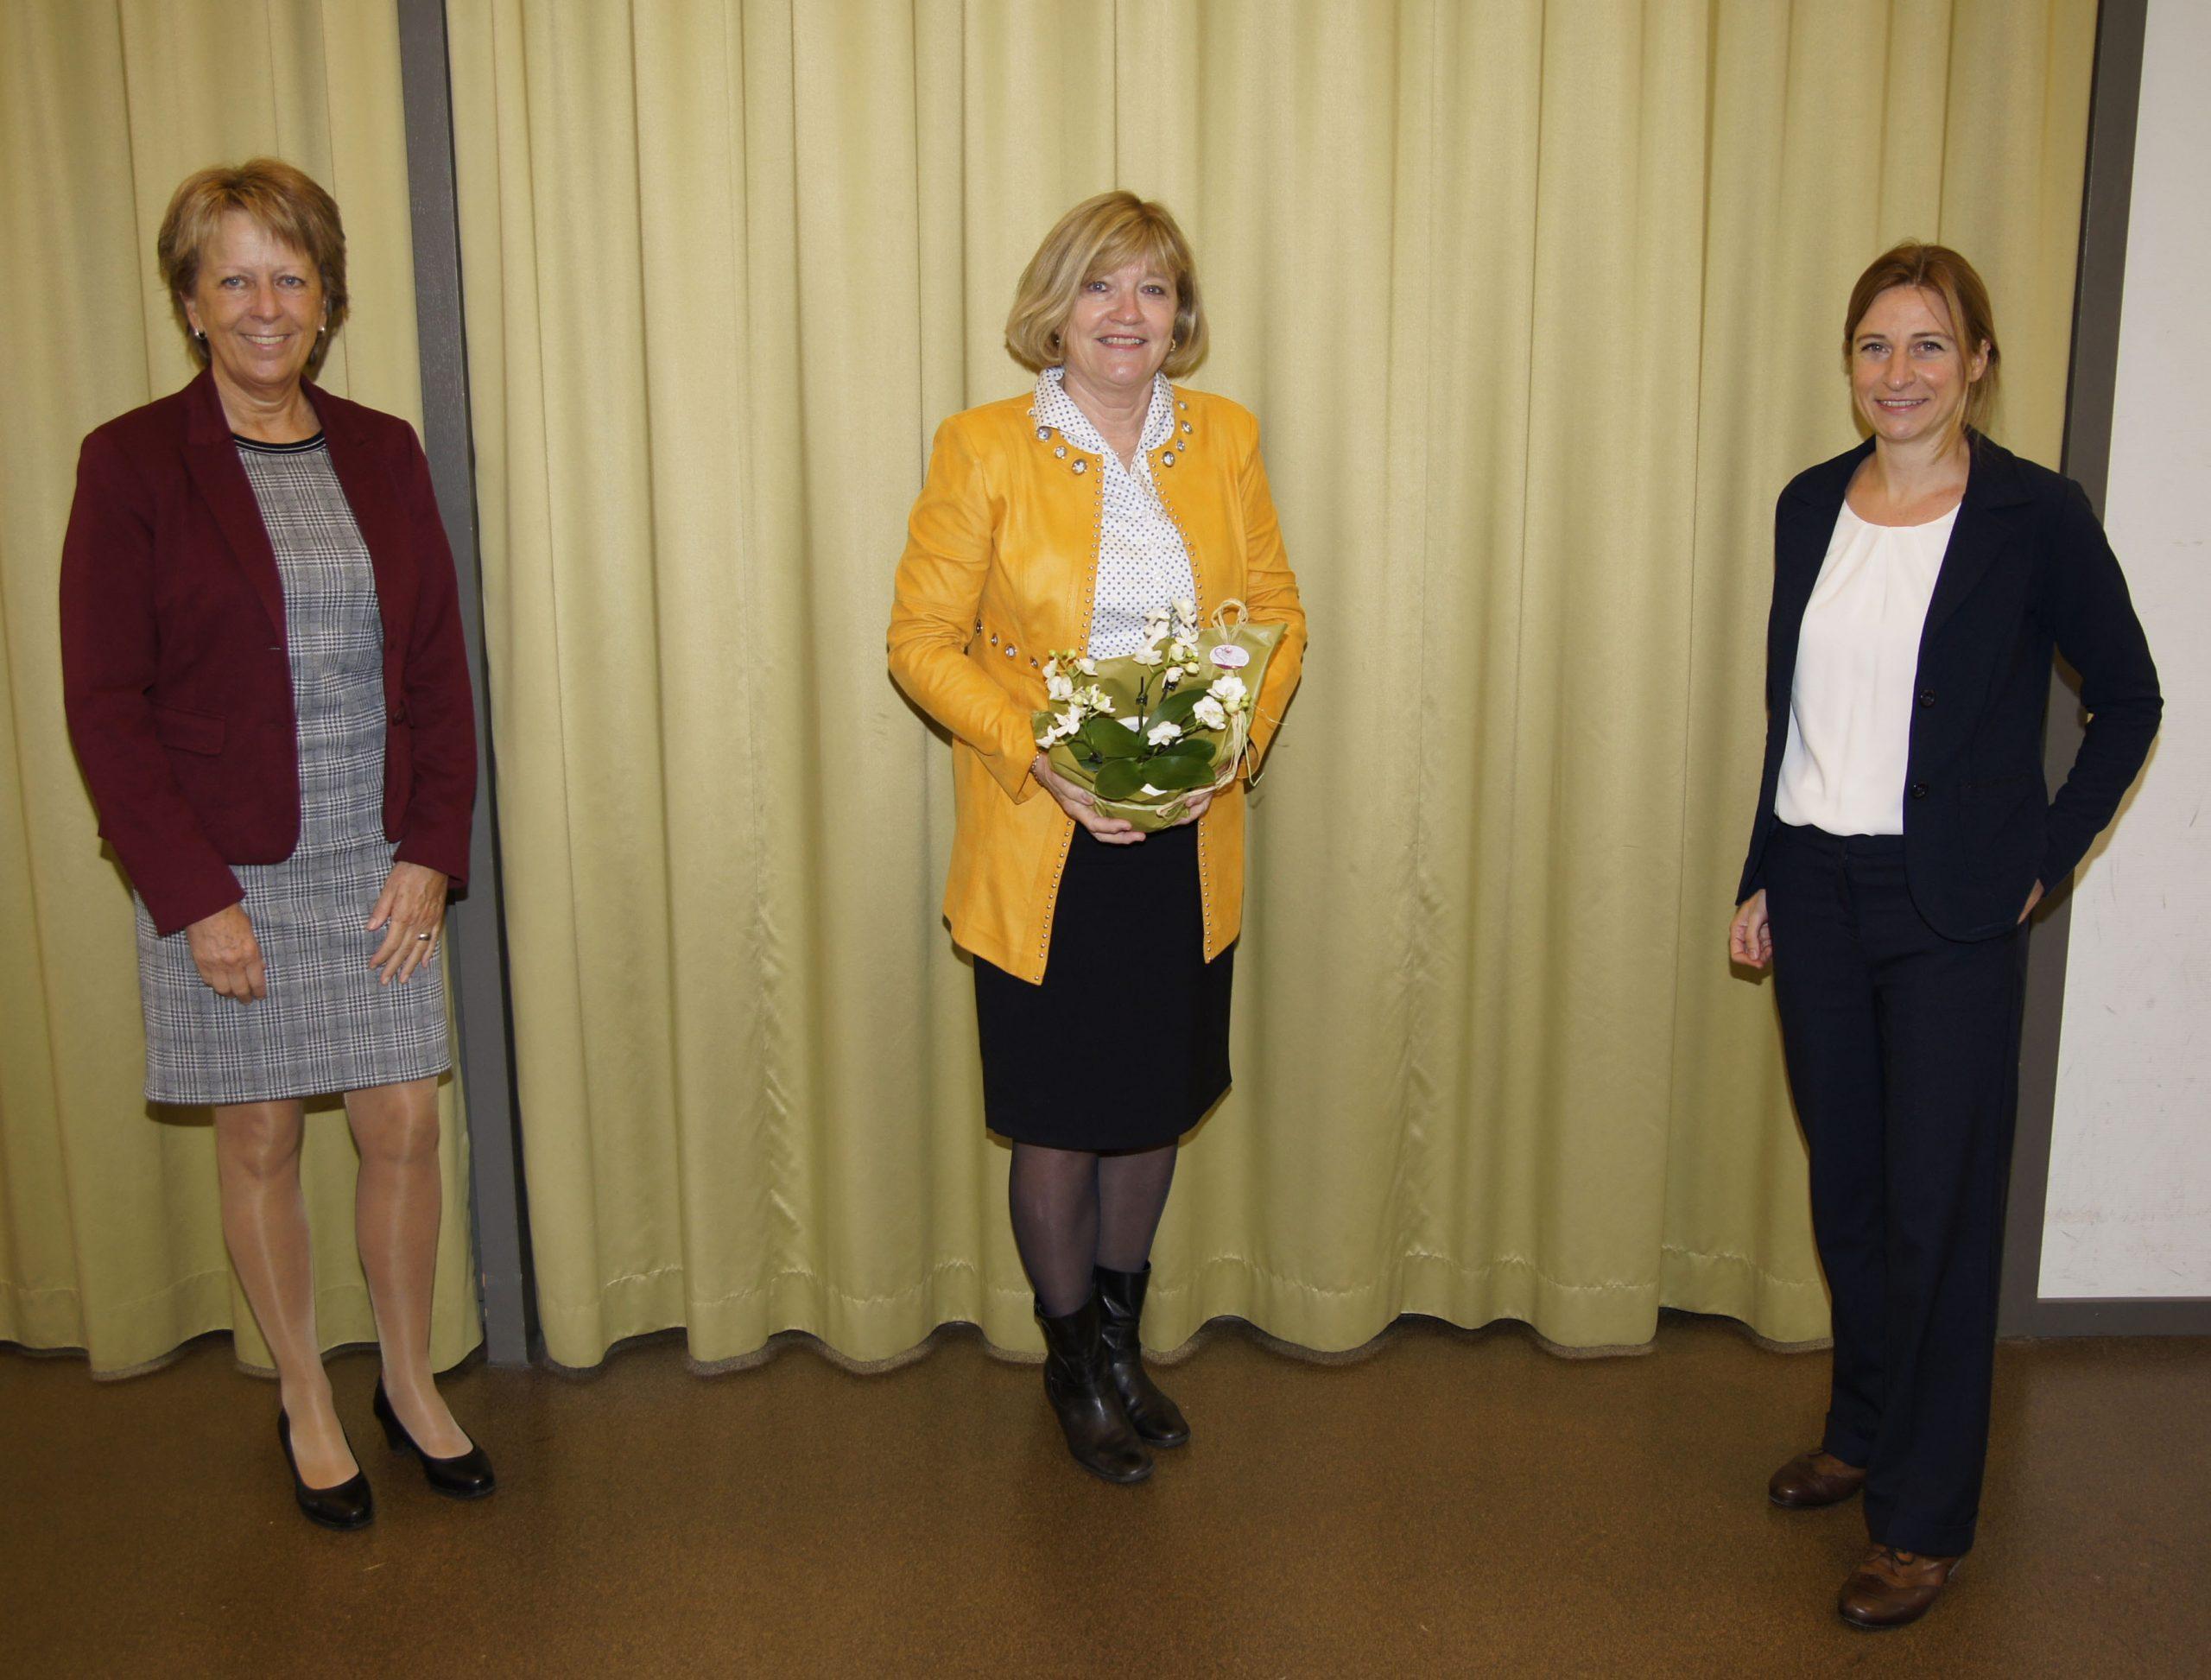 Marlis Dürst (Vizepräsidentin), Präsidentin Edith Zuber und Christina Doll (Geschäftsführerin)